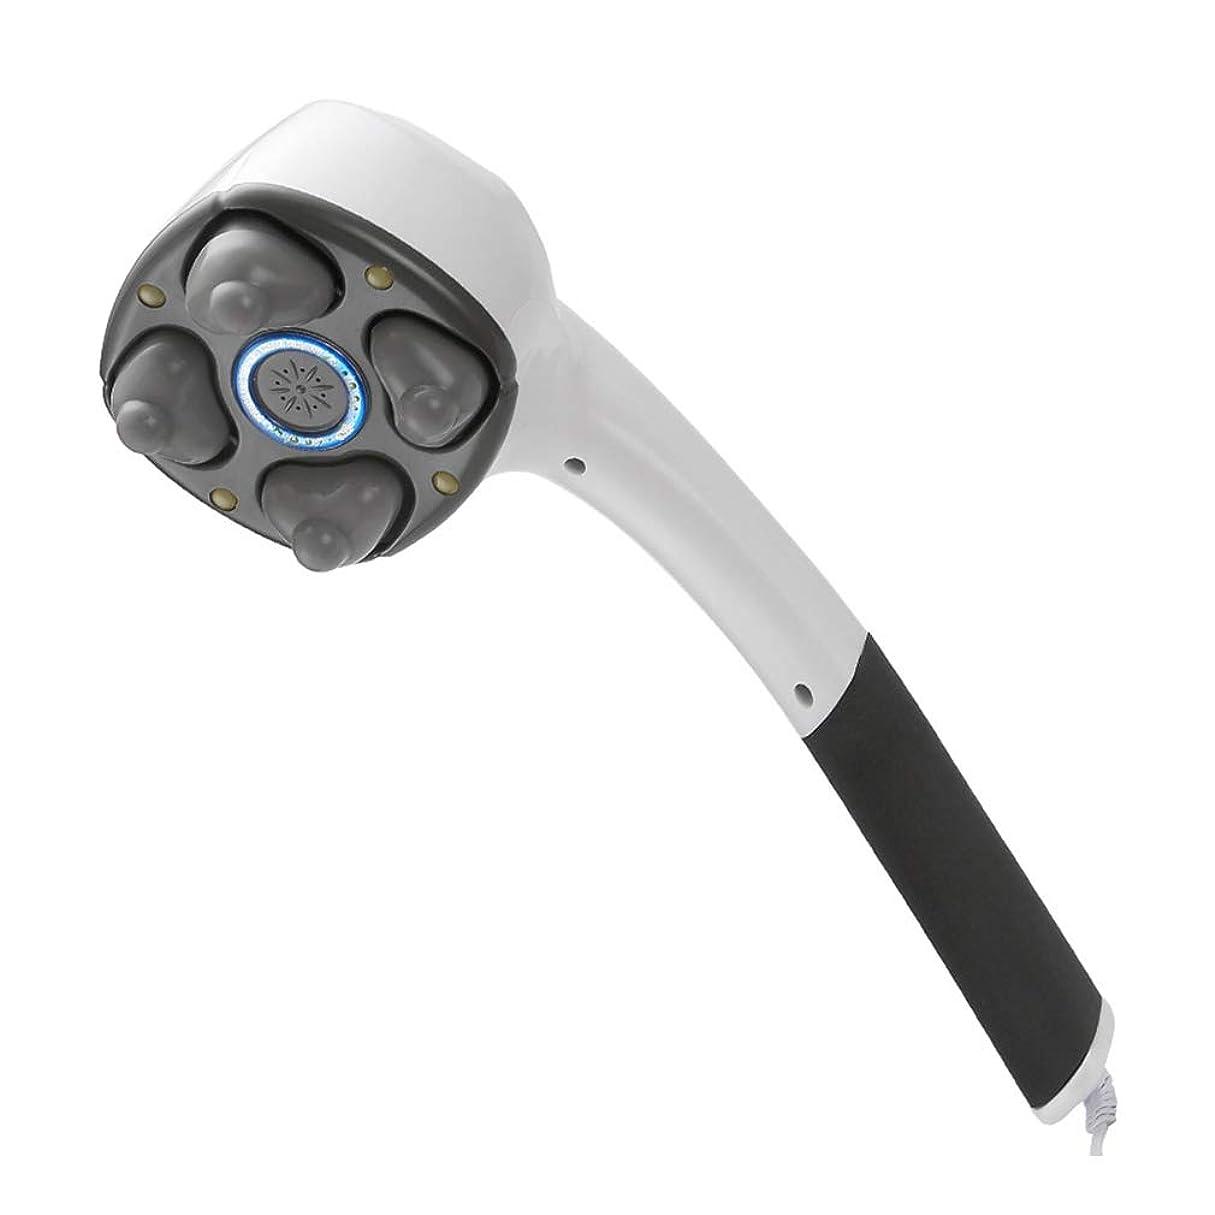 フレット強制的満員電動ハンドヘルドマッサージャー、 ポータブル4ヘッドディープティッシュ全身筋肉リラックス振動首椎骨背筋痛みリリーフ調節可能な強度